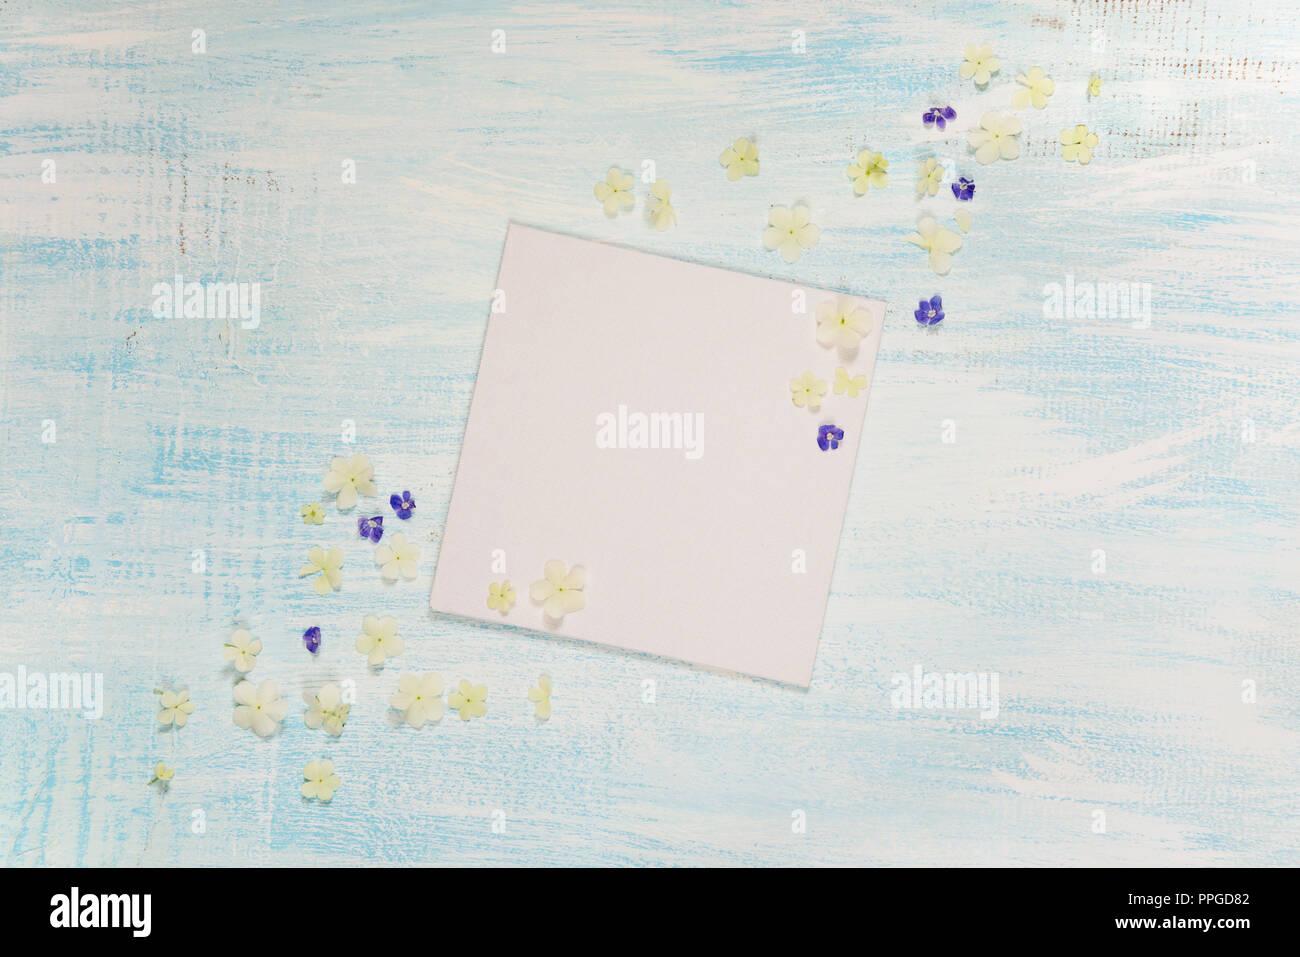 Page d'album de mariage ou un album photo de famille, bâti avec des fleurs bleu et blanc sur fond de bois clair; haut Vue, télévision lay, overhead view Photo Stock